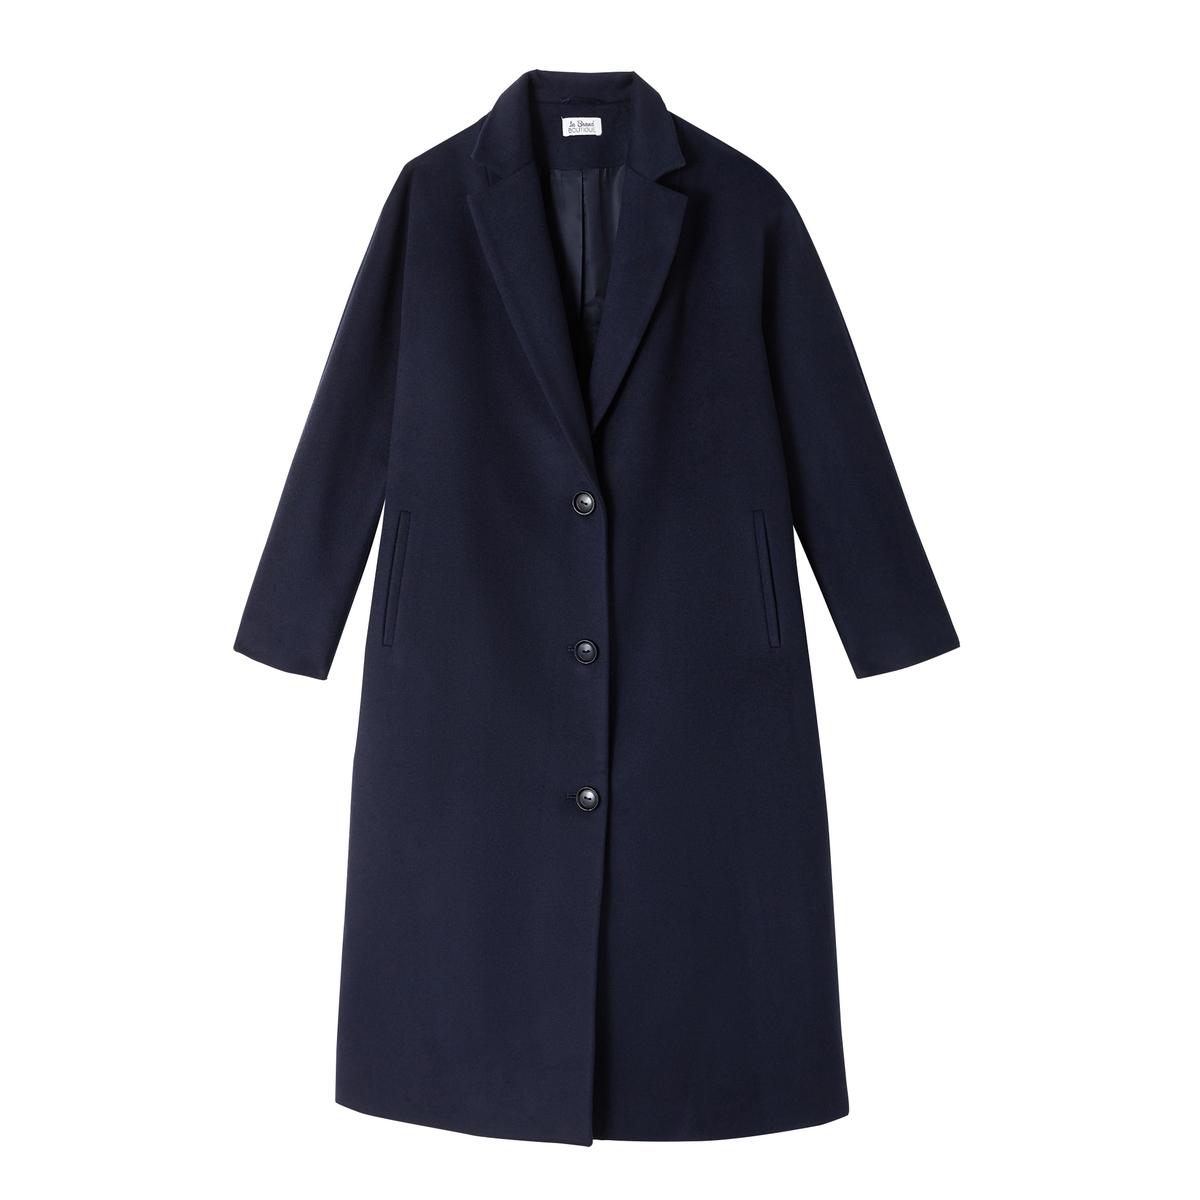 Пальто с рукавами-кимоно PAVONEОписание:Пальто длинное на пуговицах LA BRAND BOUTIQUE COLLECTION - модель PAVONE с рукавами-кимоно.Детали •  Длина : удлиненная модель •   V-образный вырез • Застежка на пуговицыСостав и уход •  70% шерсти, 10% кашемира, 20% полиамида •  Следуйте советам по уходу, указанным на этикетке   •  Рекомендуется заказывать на размер меньше Вашего обычного размера.<br><br>Цвет: темно-синий